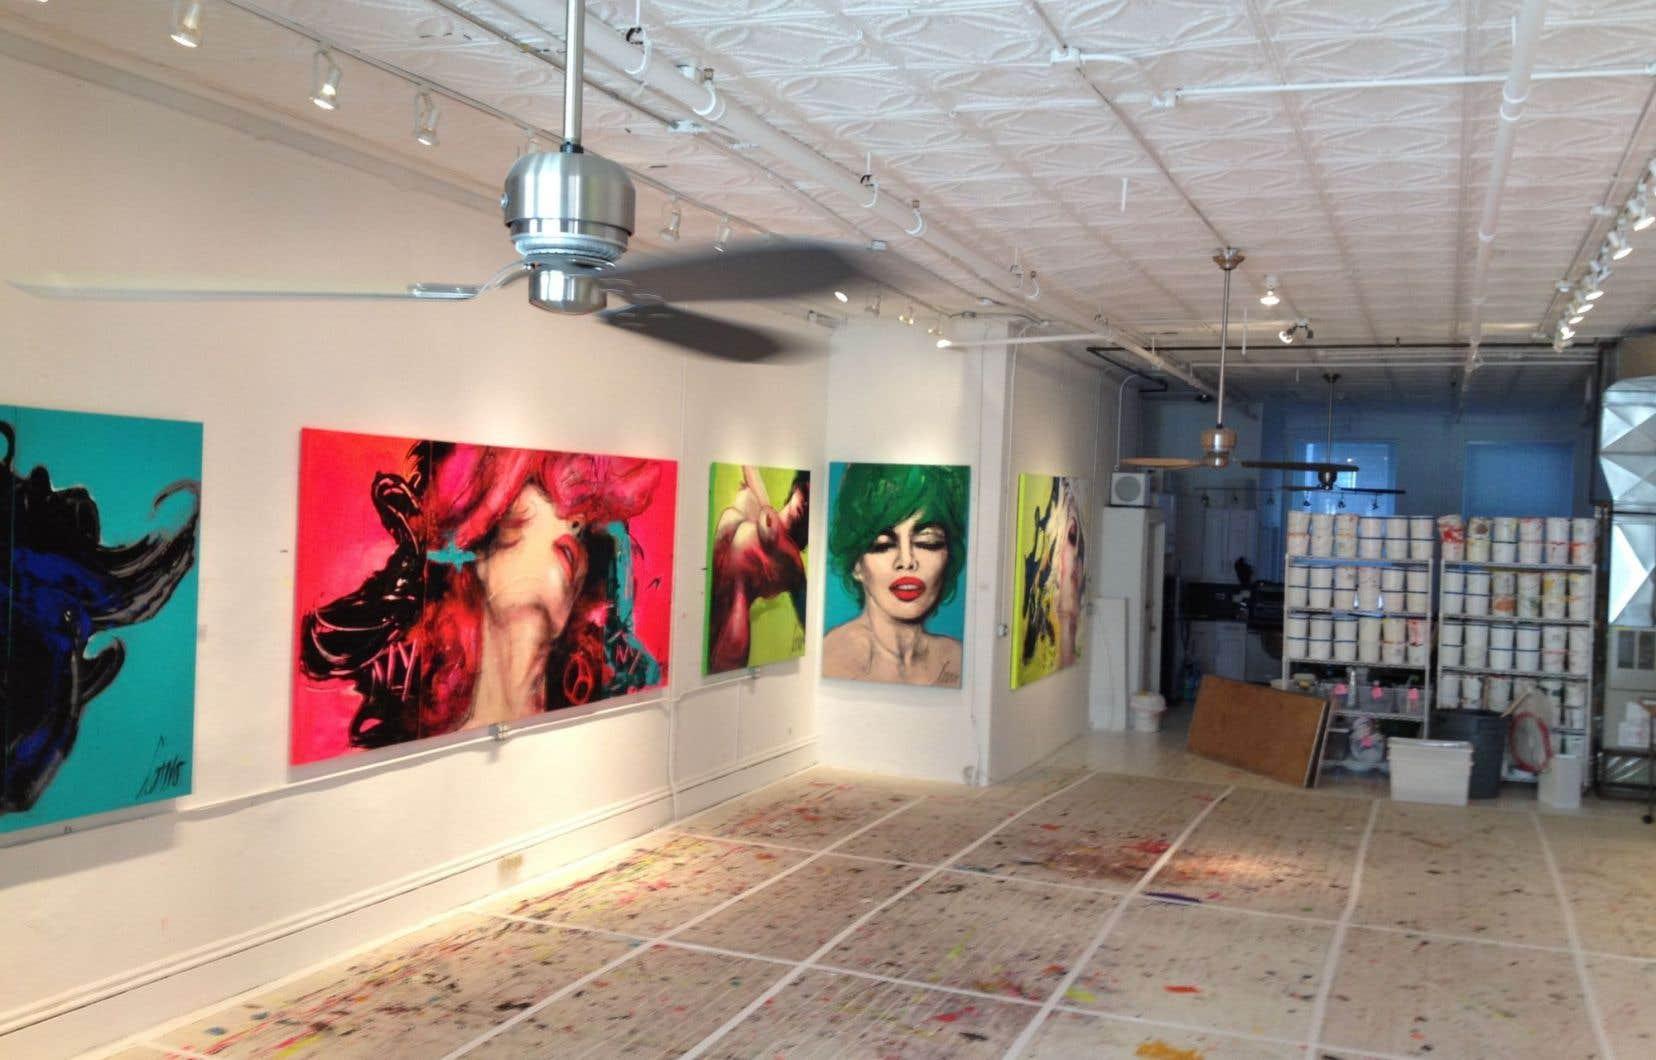 L'atelier de la peintre Corno dans SoHo, à New York. Une présence forte malgré son absence. Tiré du documentaire Corno.